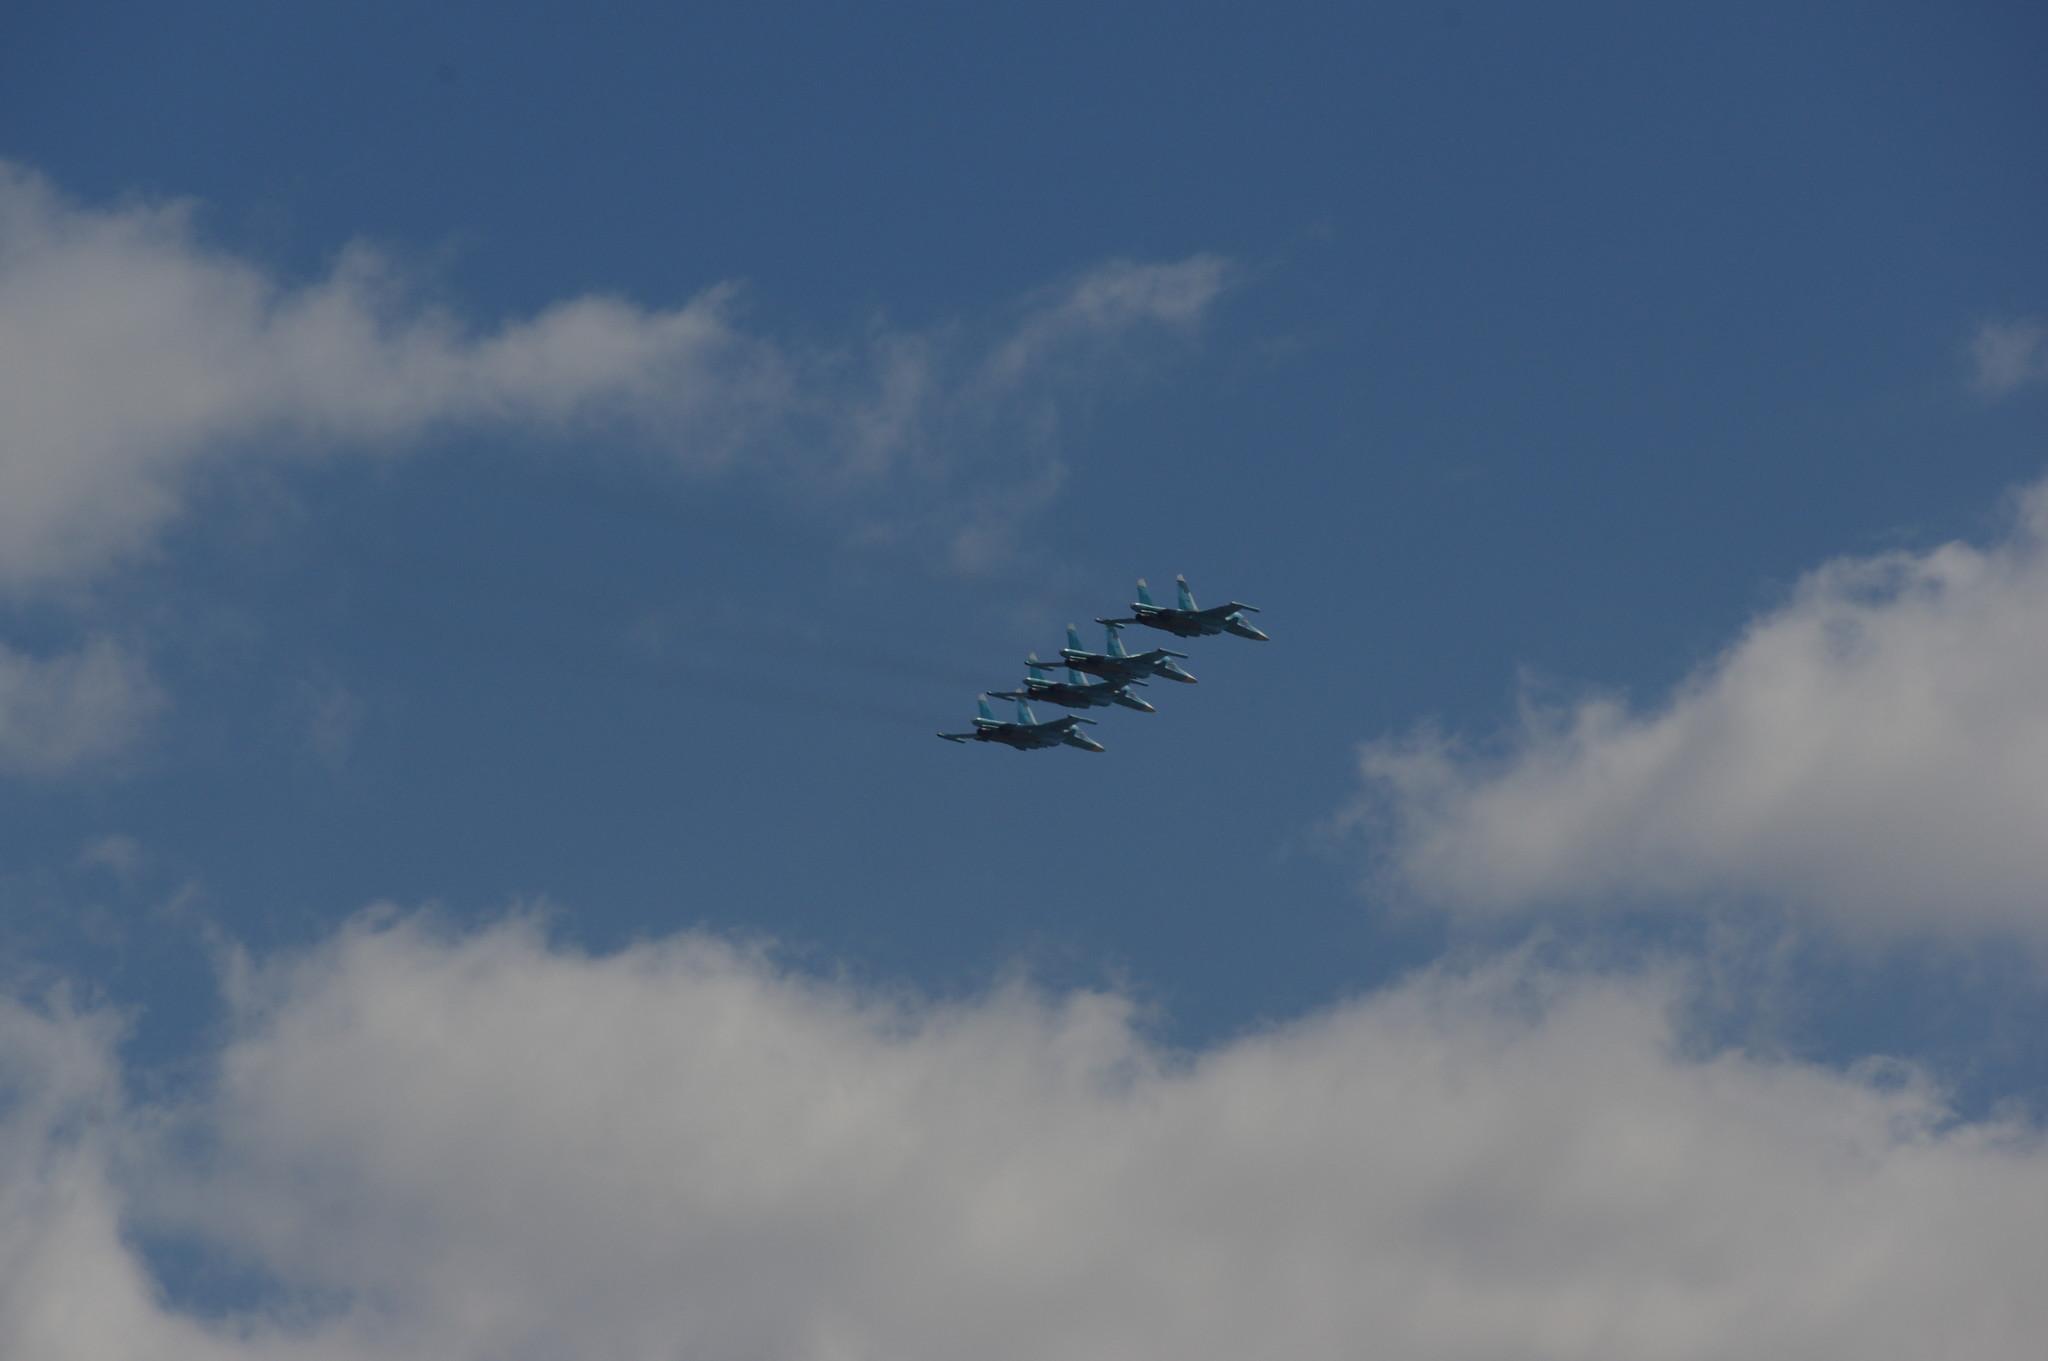 Воздушная часть парада Победы. Истребители-бомбардировщики Су-34